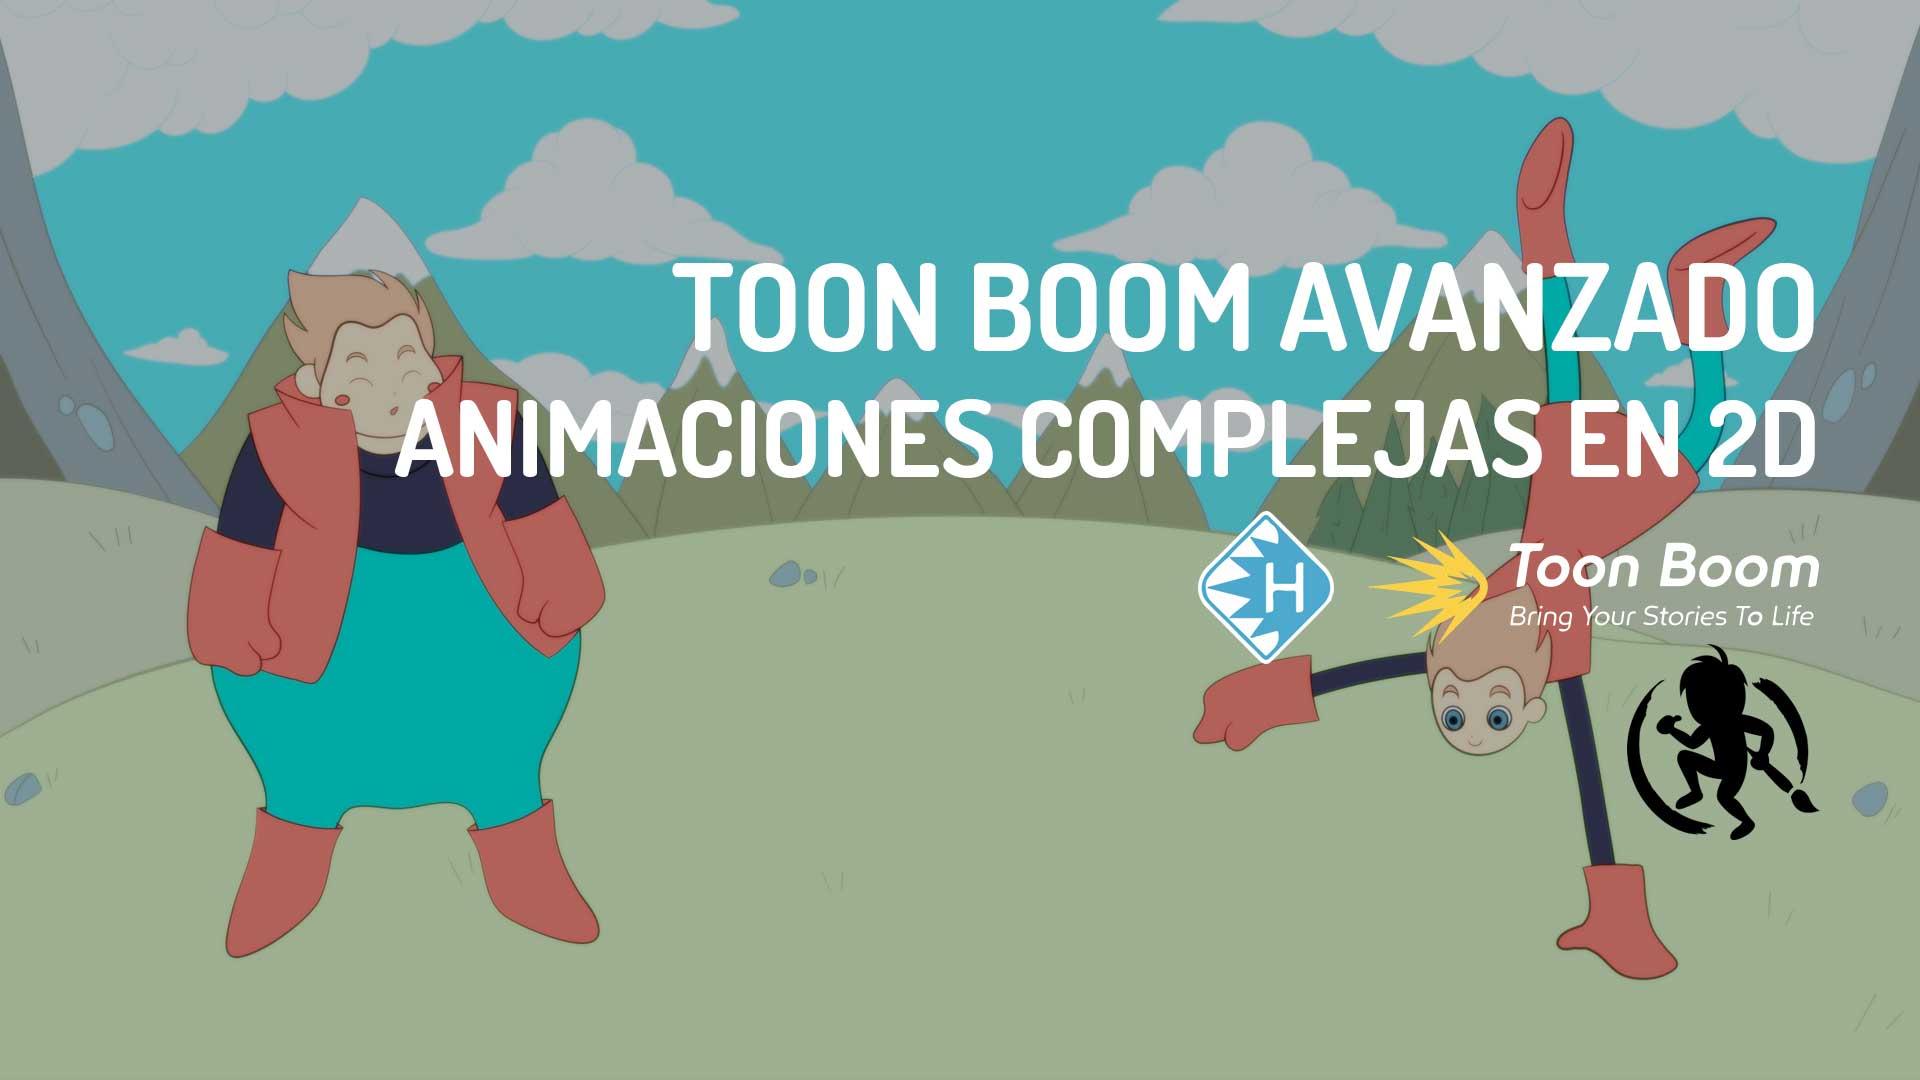 Animaciones complejas en 2D